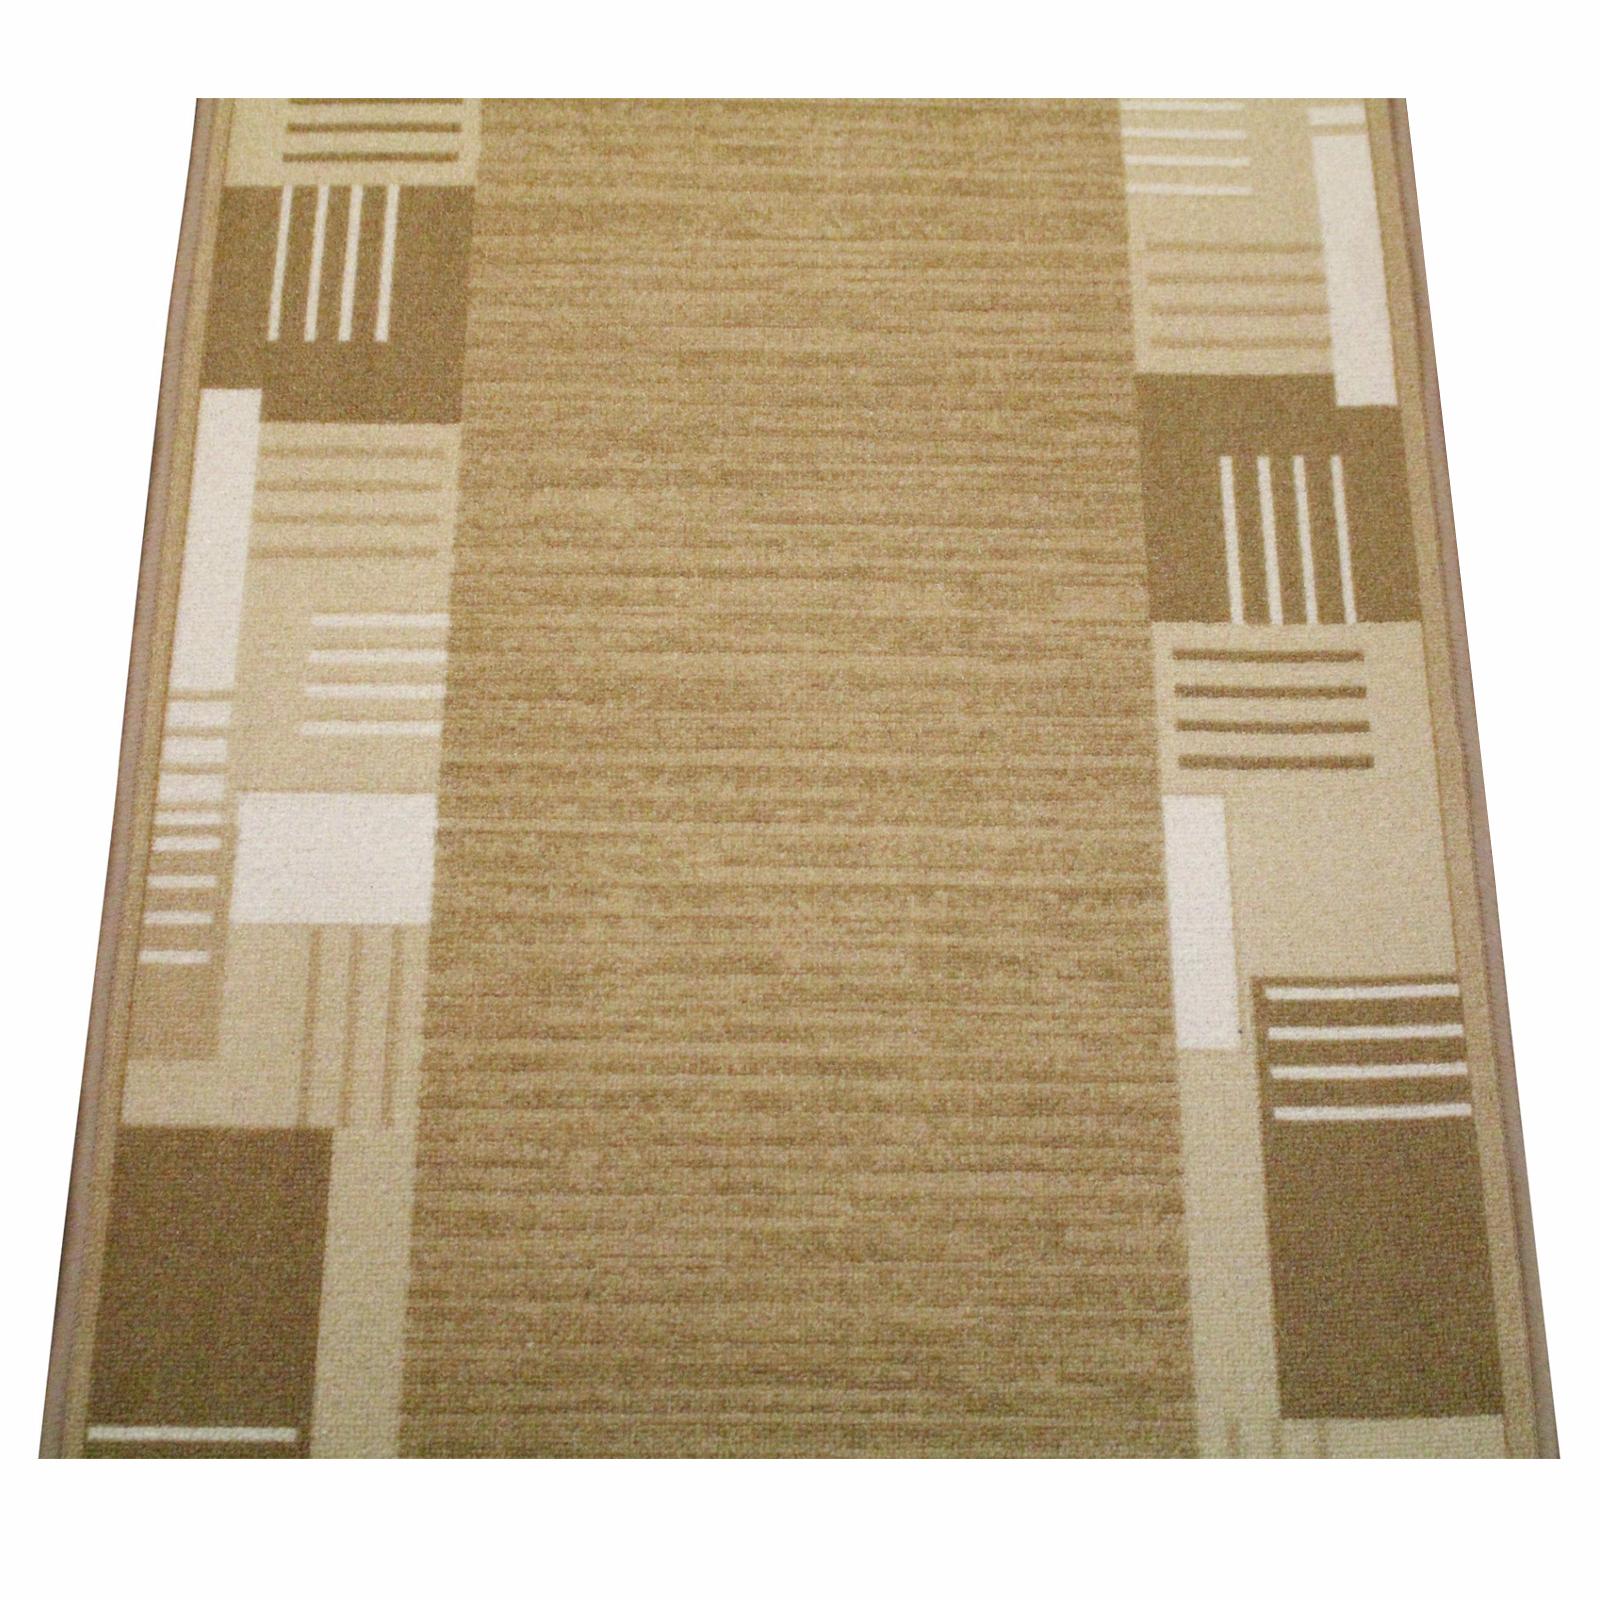 Ideal DIY Floors 67cm Bermude Montana Beige Printed Carpet Runner